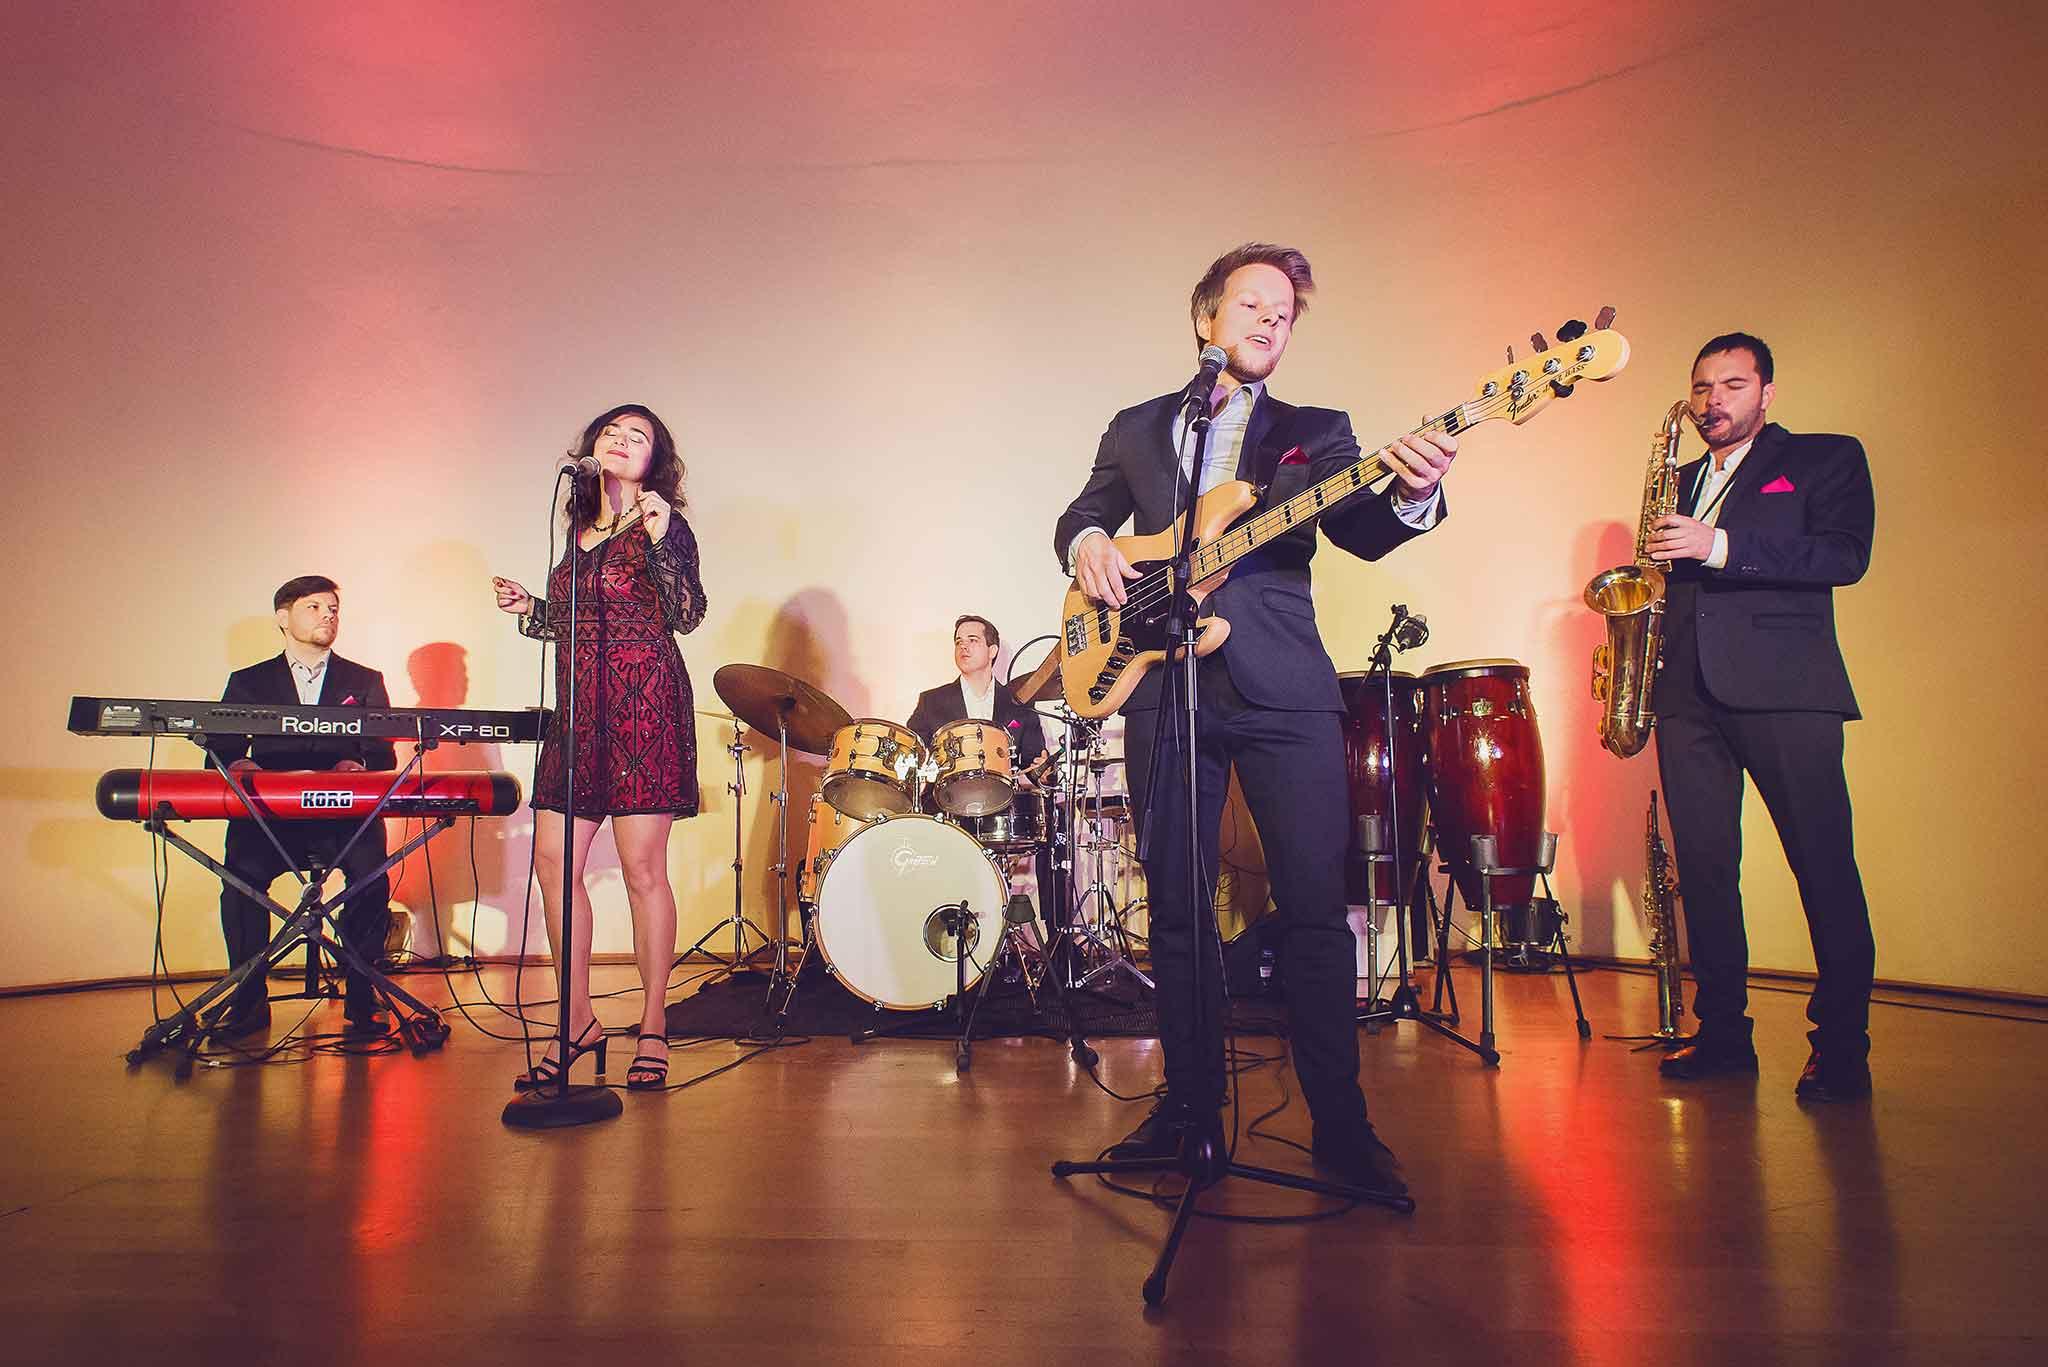 Die Dresdner Hochzeitsband Adlips spielt Livemusik auf einer Hochzeit